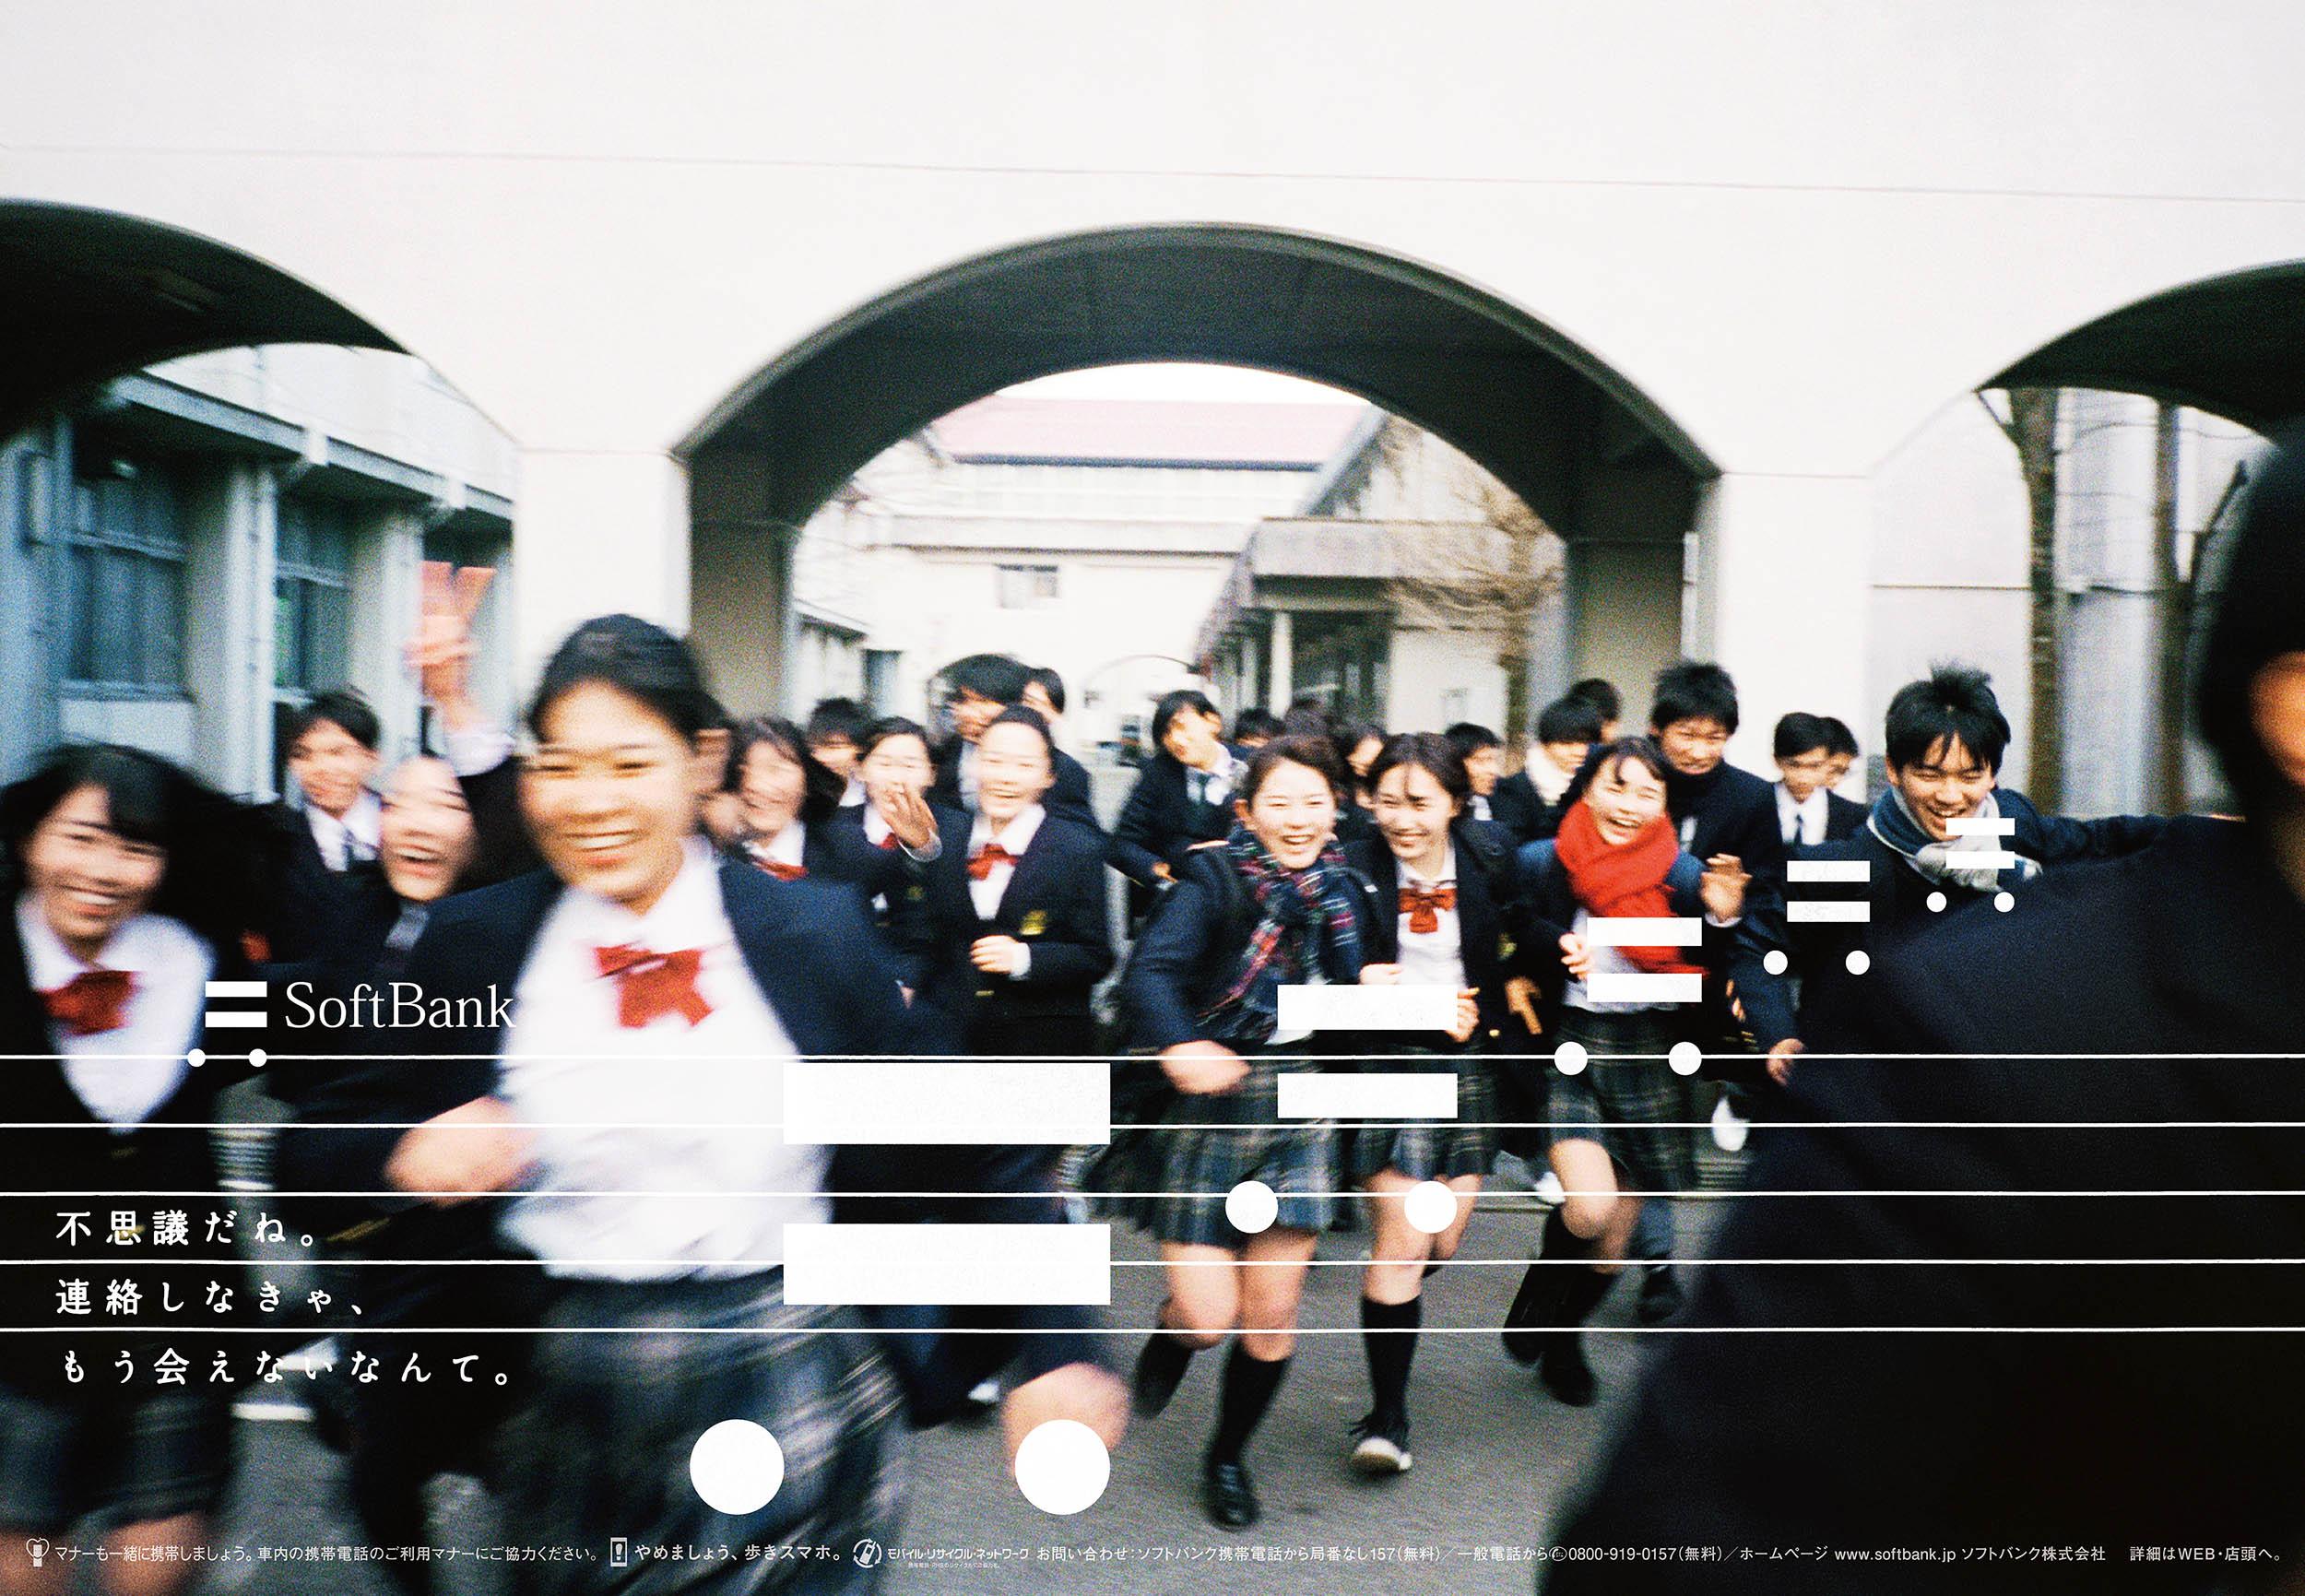 0226_sb_gakumen_01.jpg